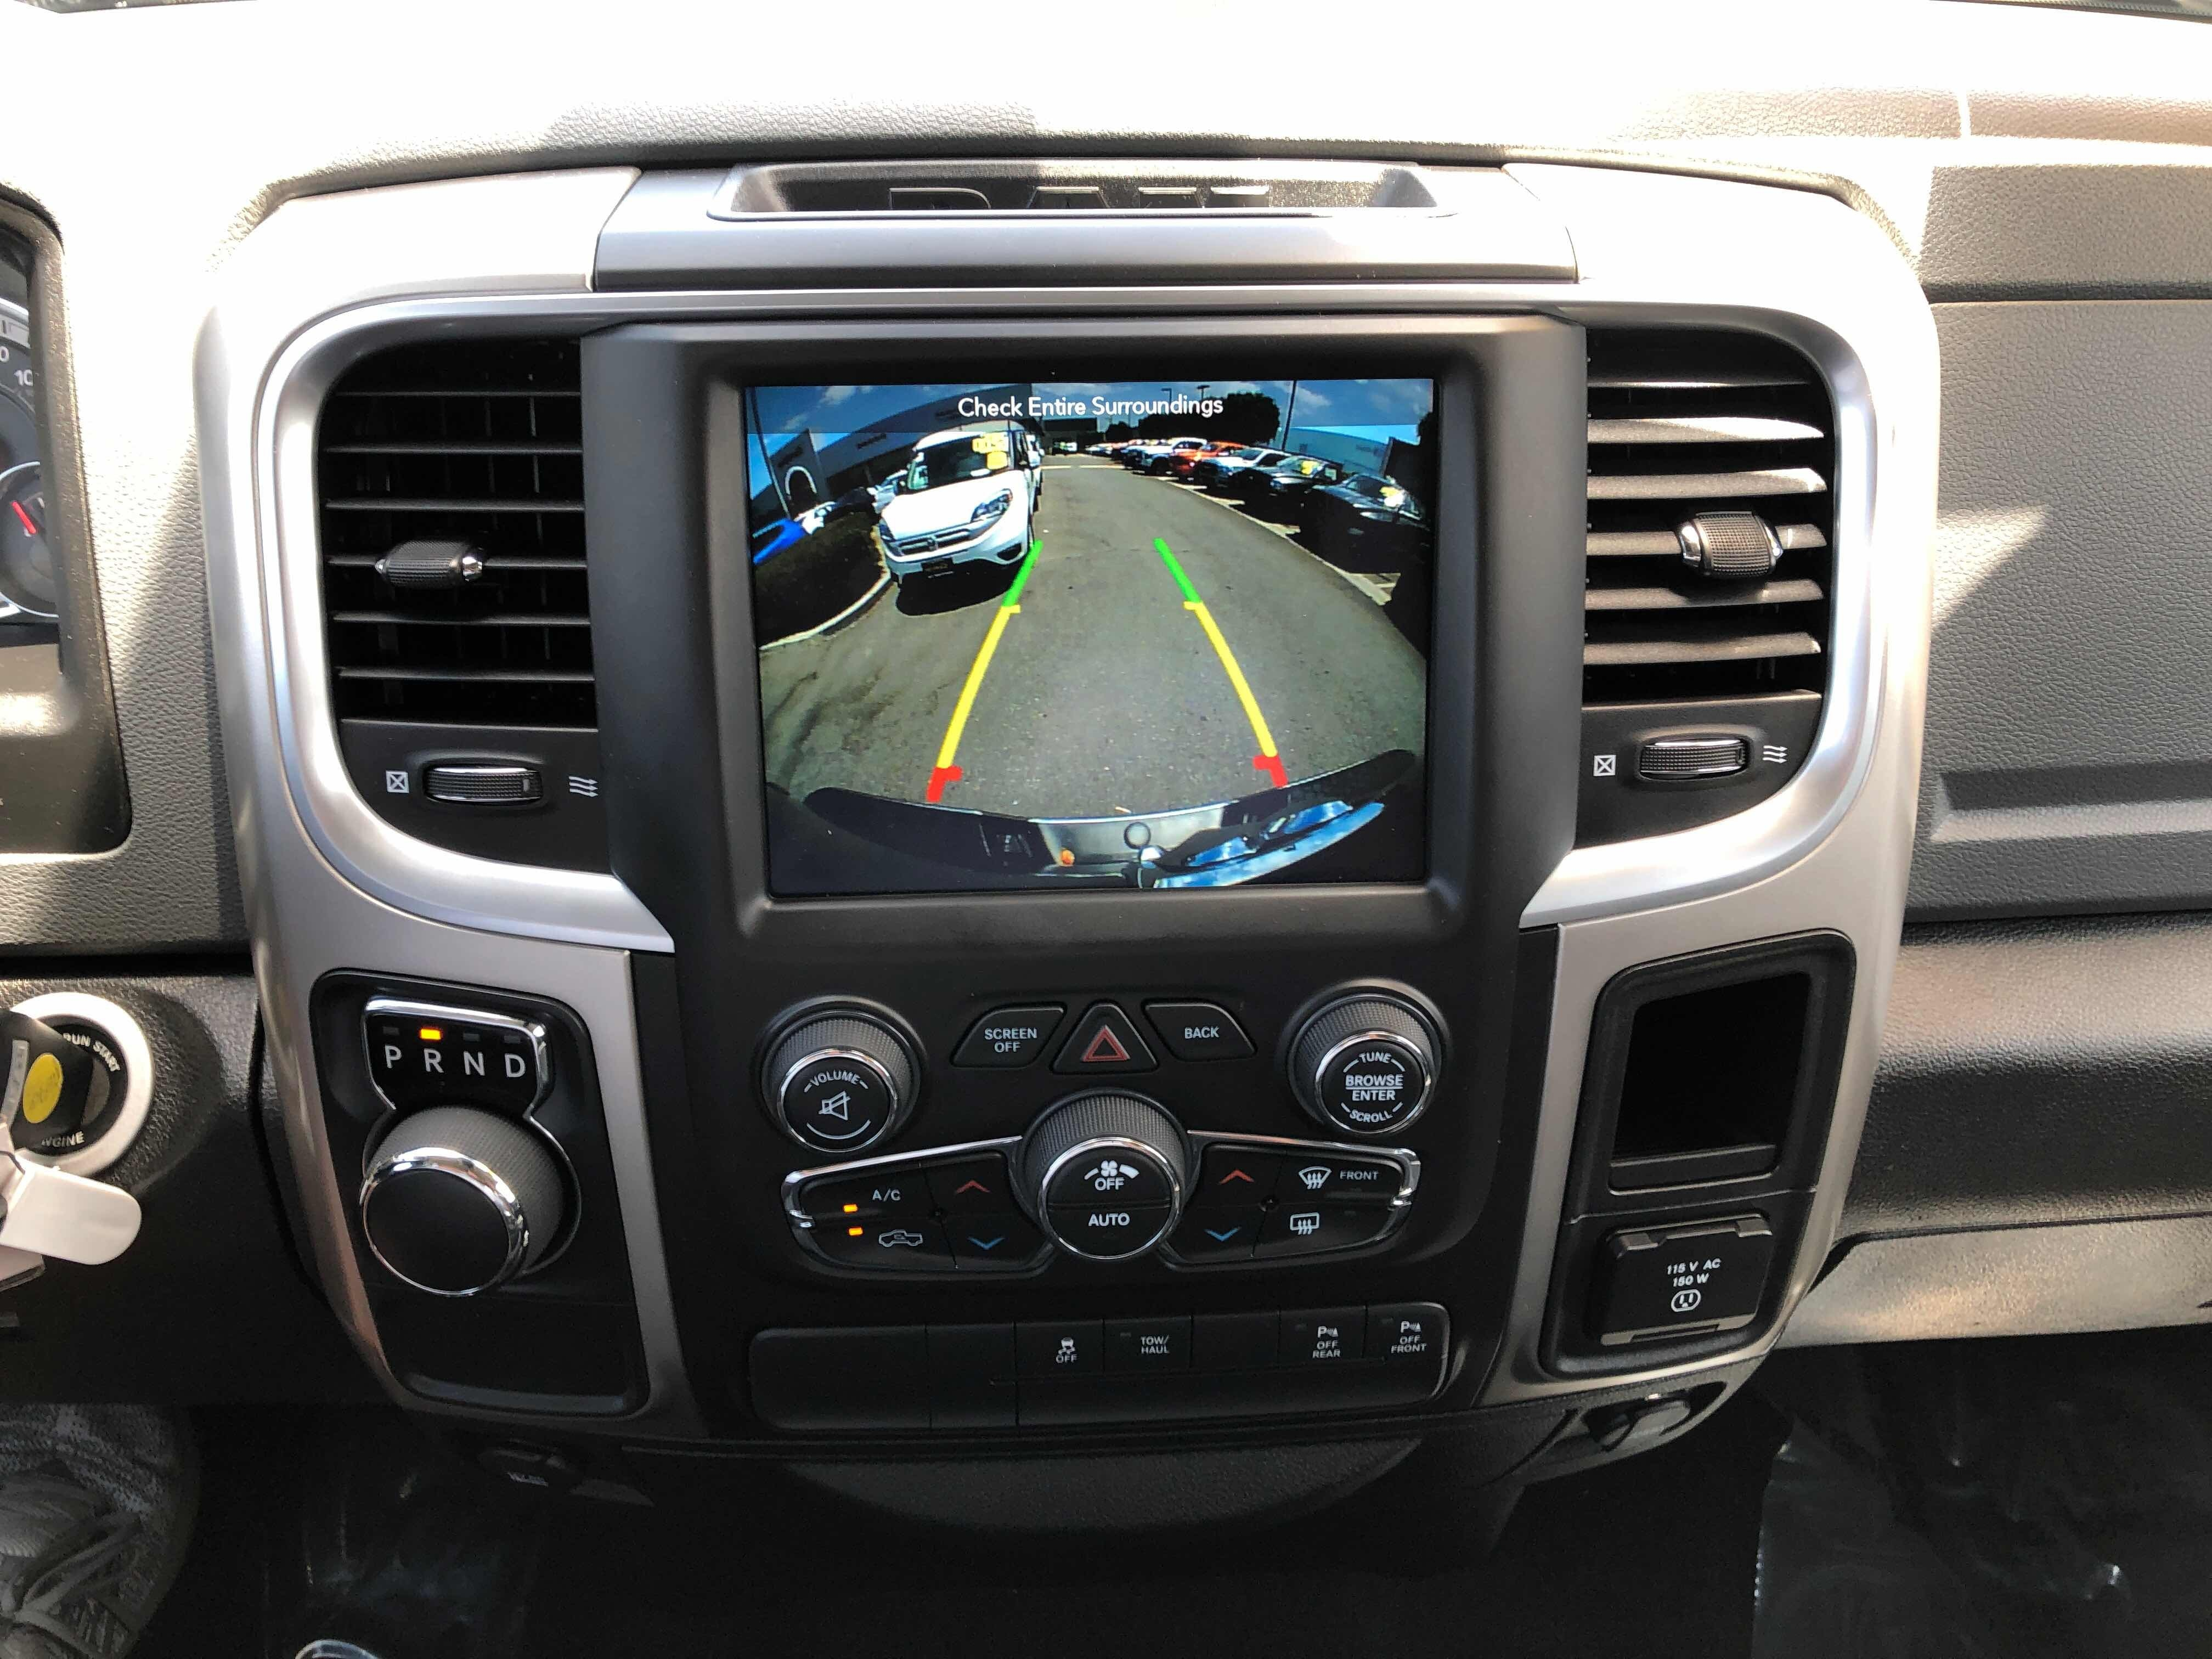 Used 2019 Ram 1500 Classic For Sale at Cerritos Dodge Inc